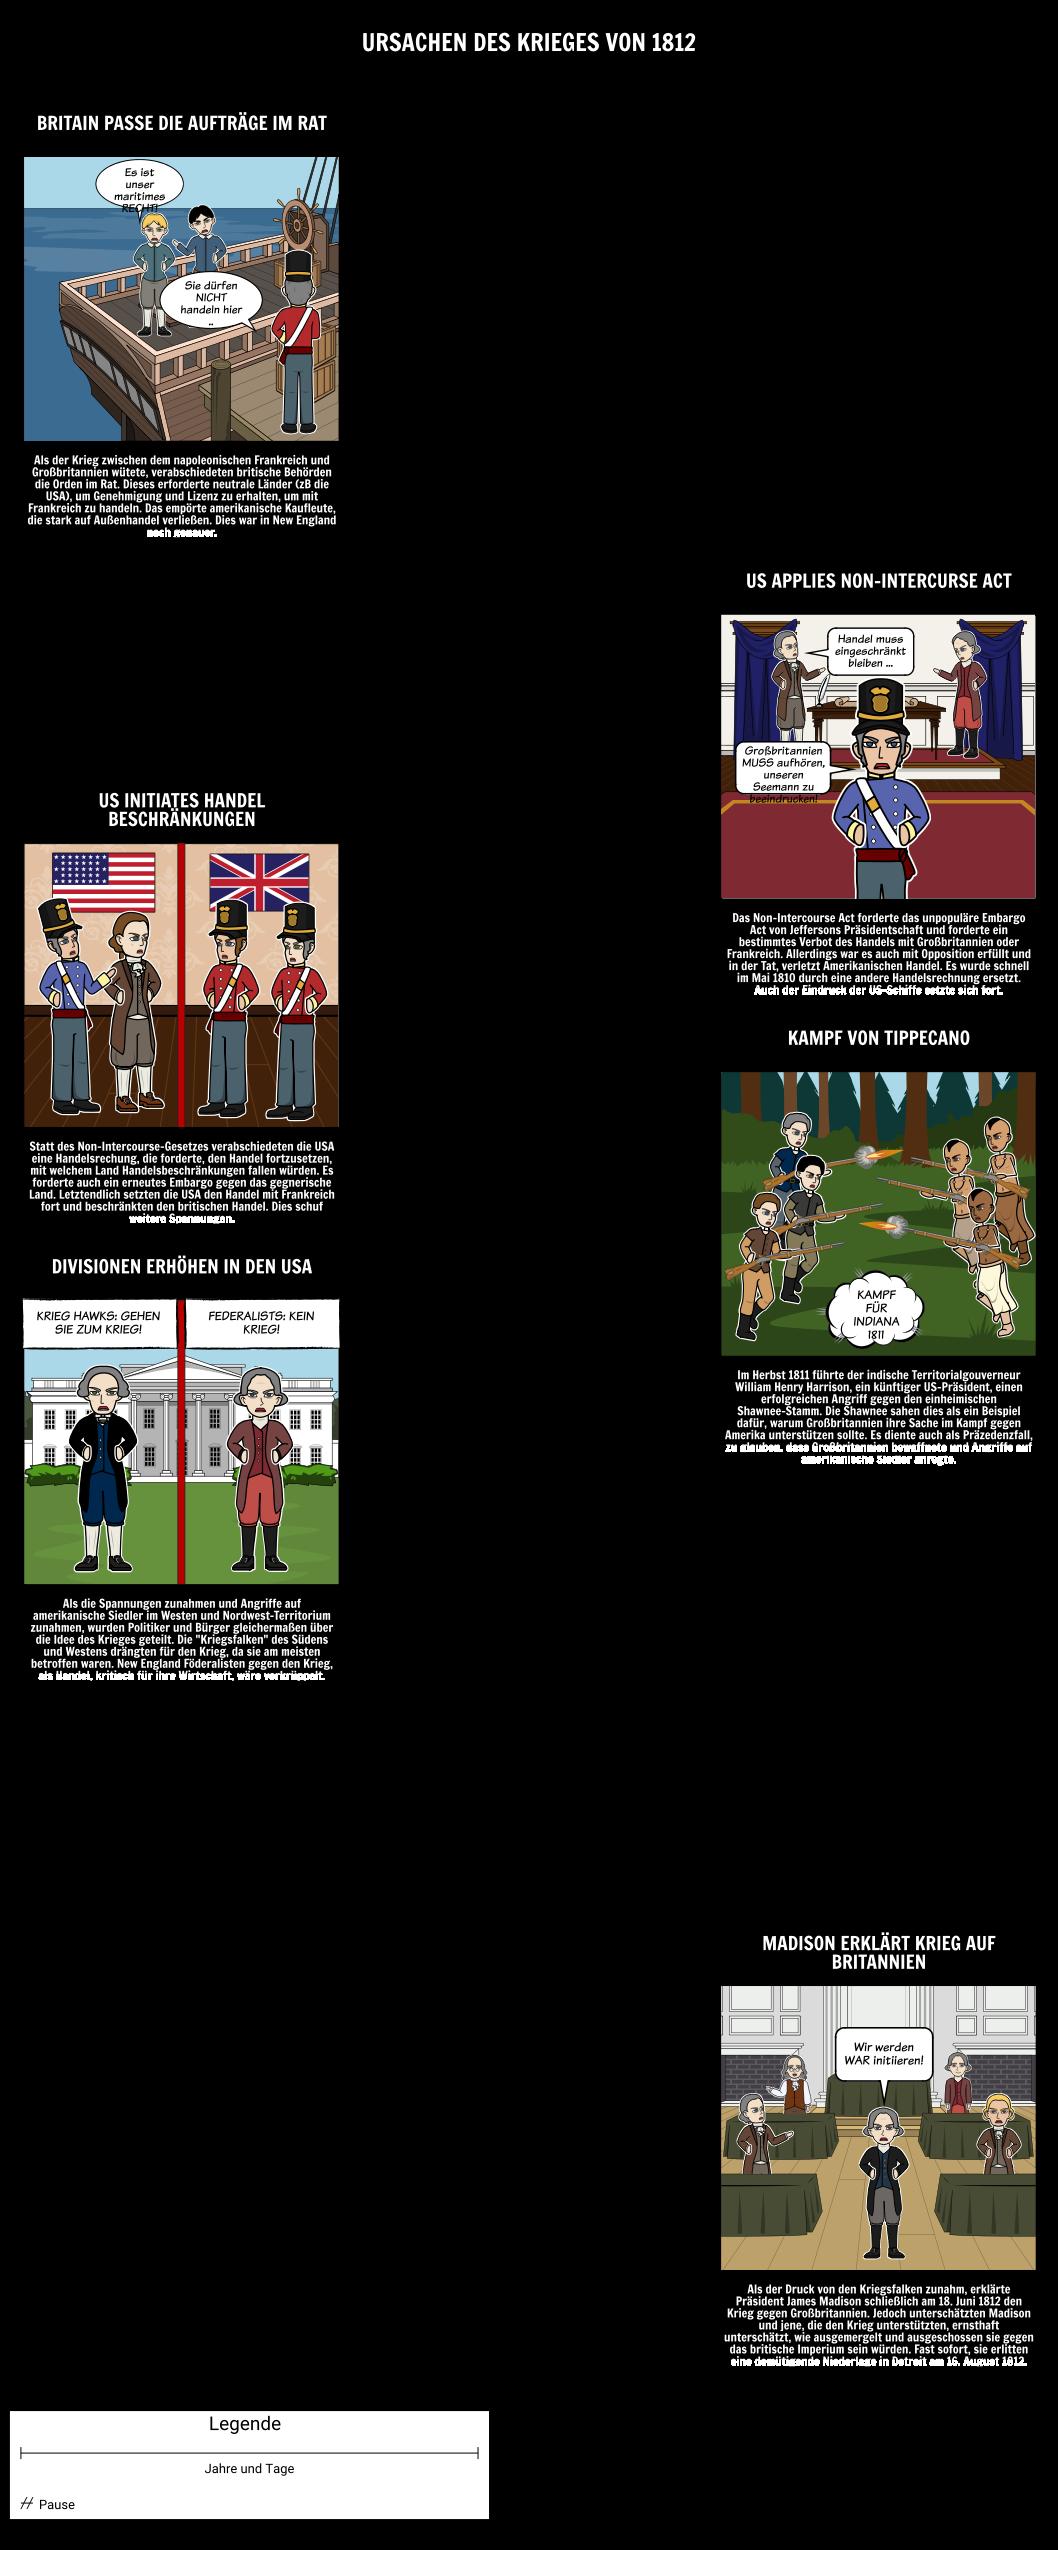 Krieg von 1812 - Ursachen des Krieges von 1812 Timeline